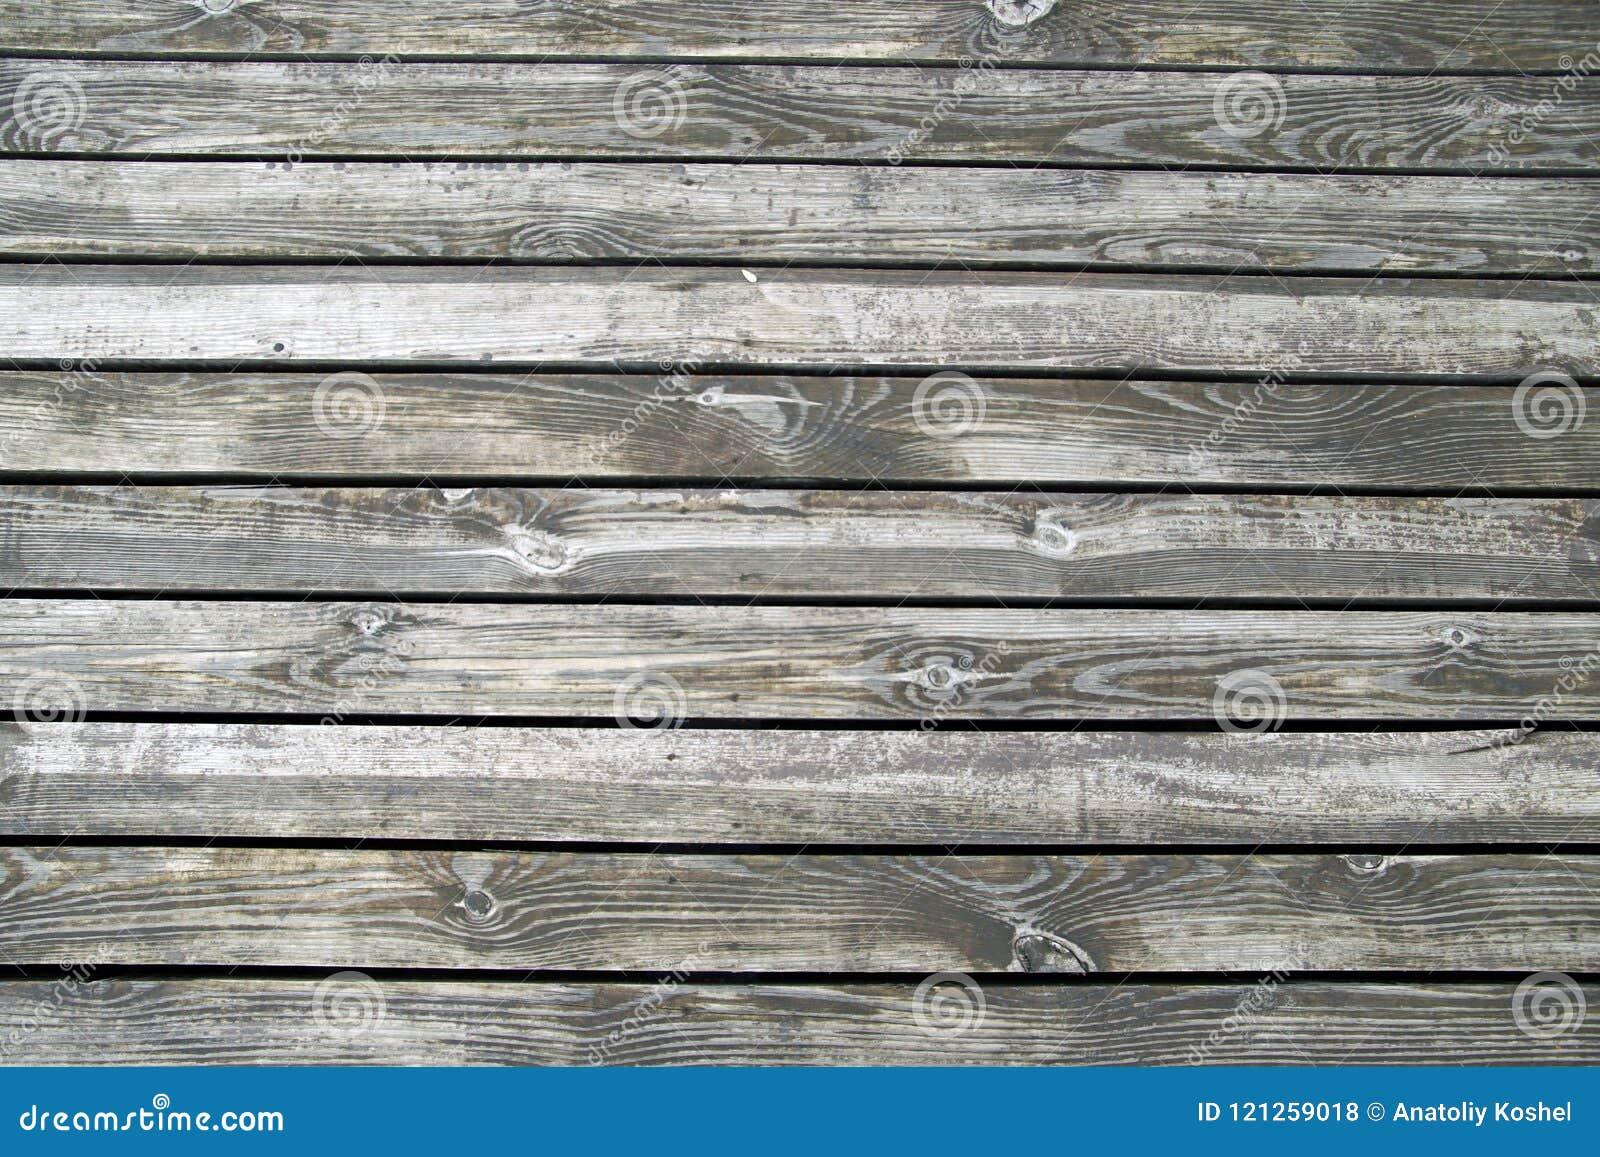 Pisos De Madera De La Terraza En La Orilla Del Río Textura